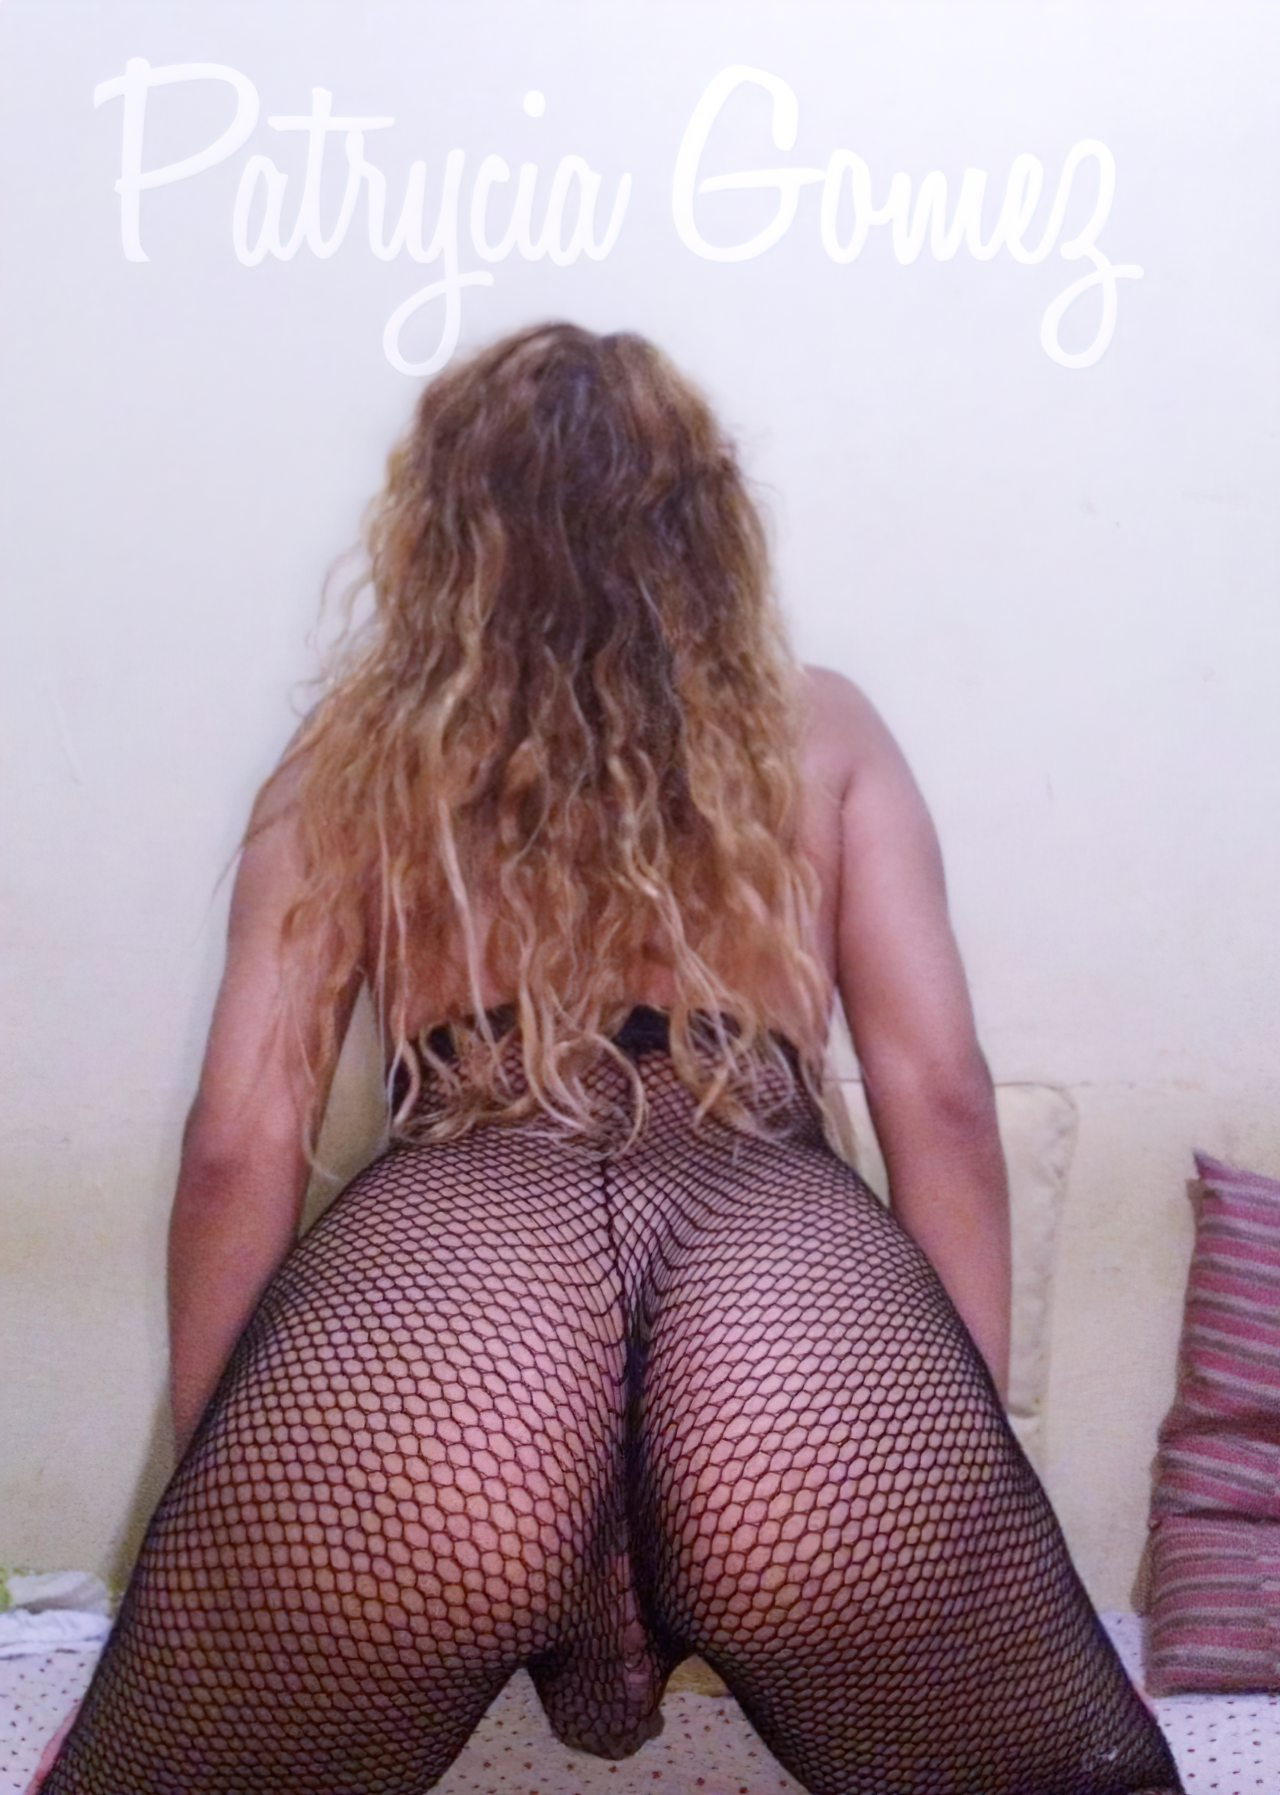 Patrycia Gomez Nua (3)